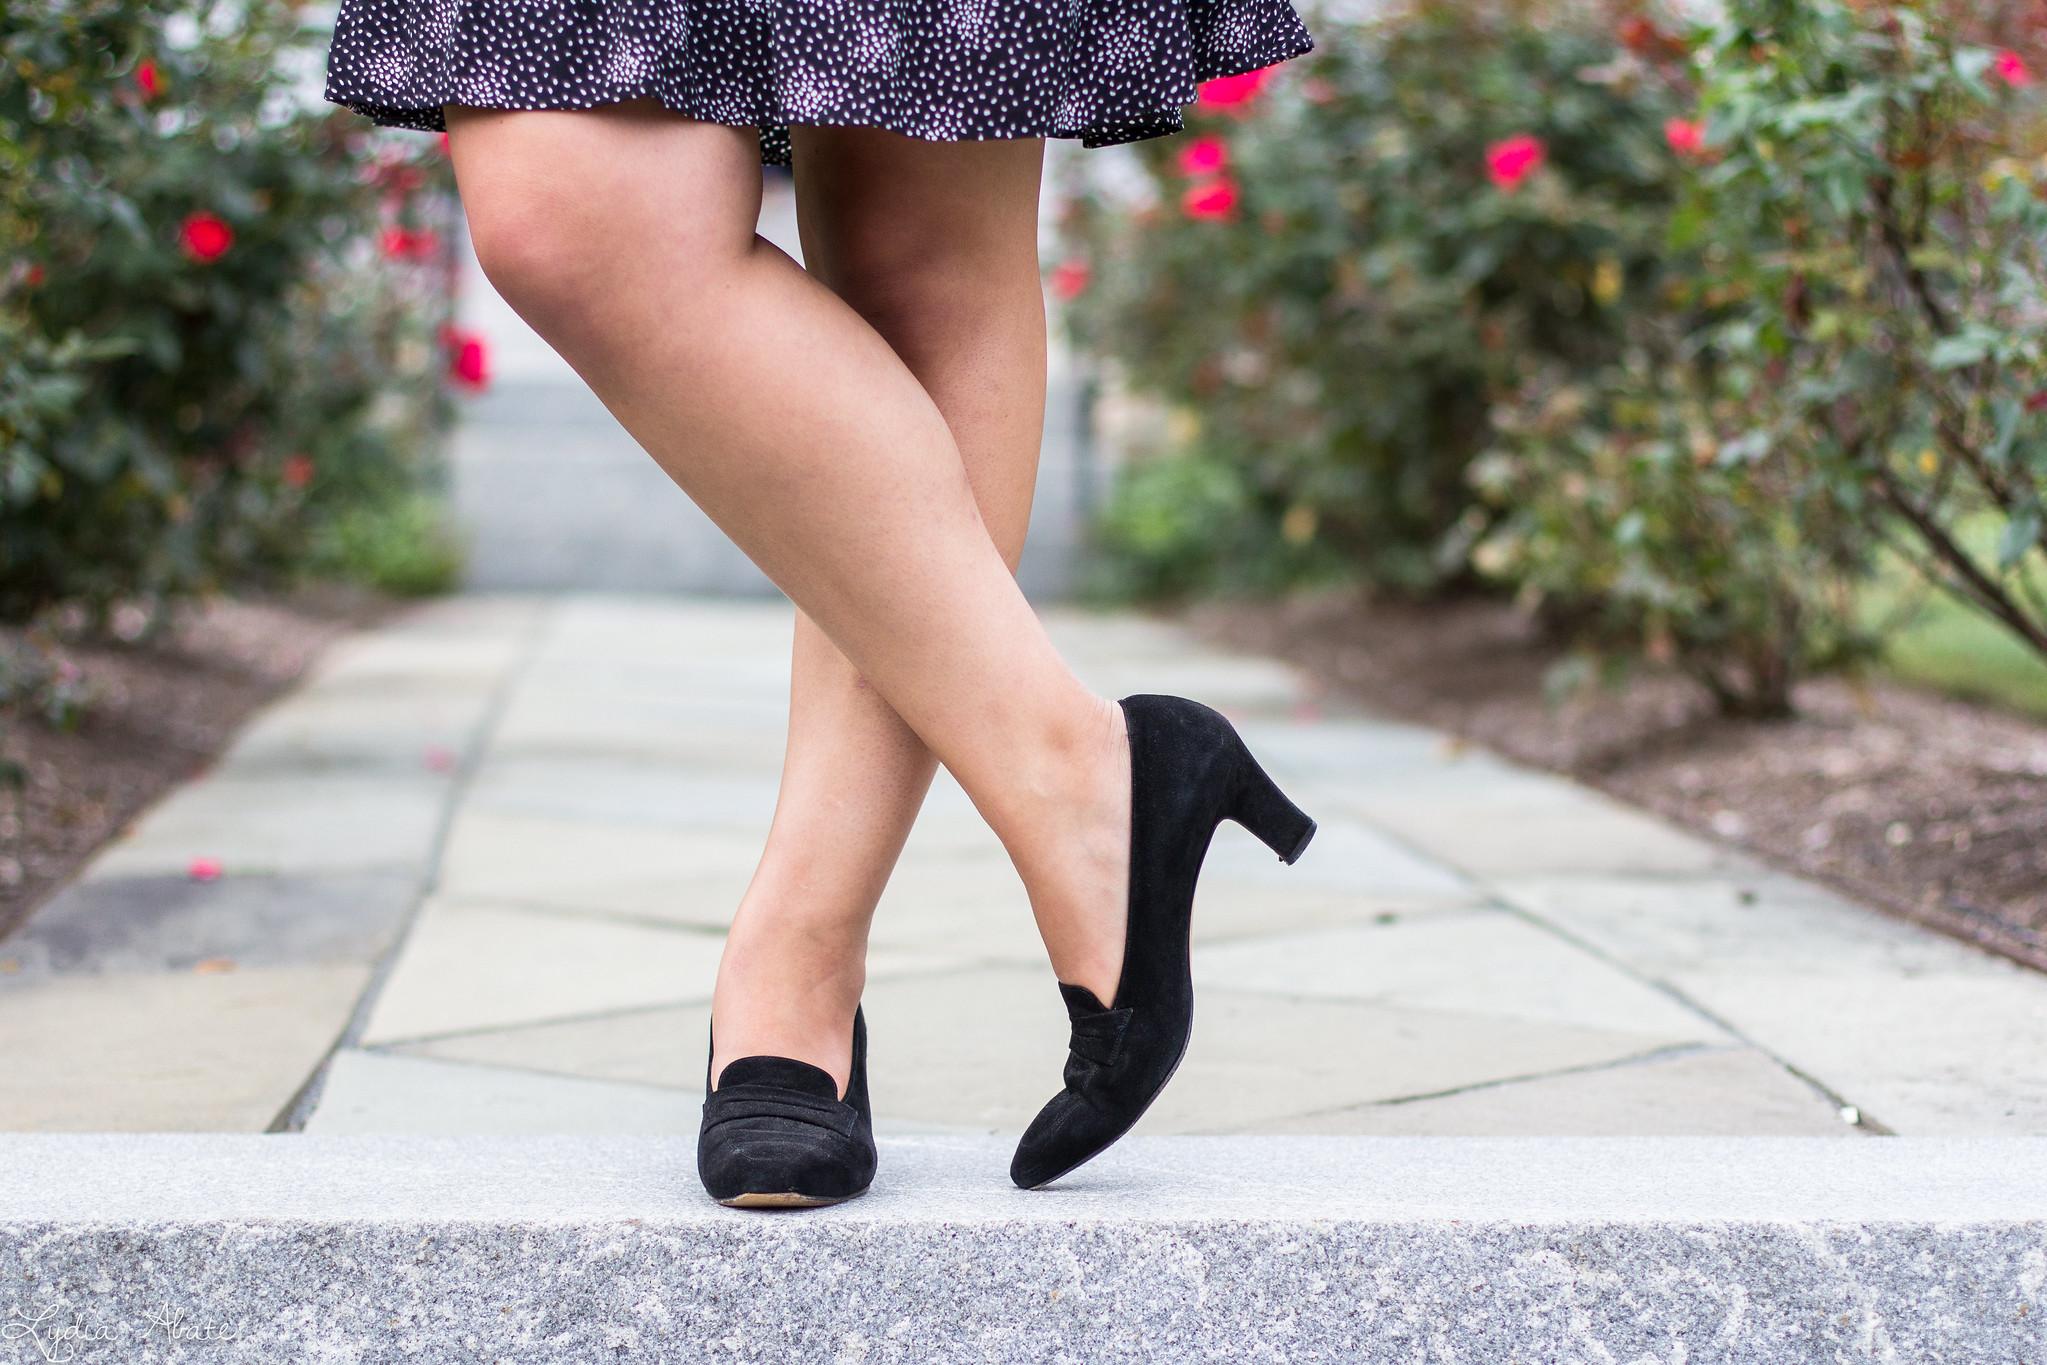 Polka Dot Burst Dress, Danse Lente Johnny Bag, Ferragamo Loafers-15.jpg